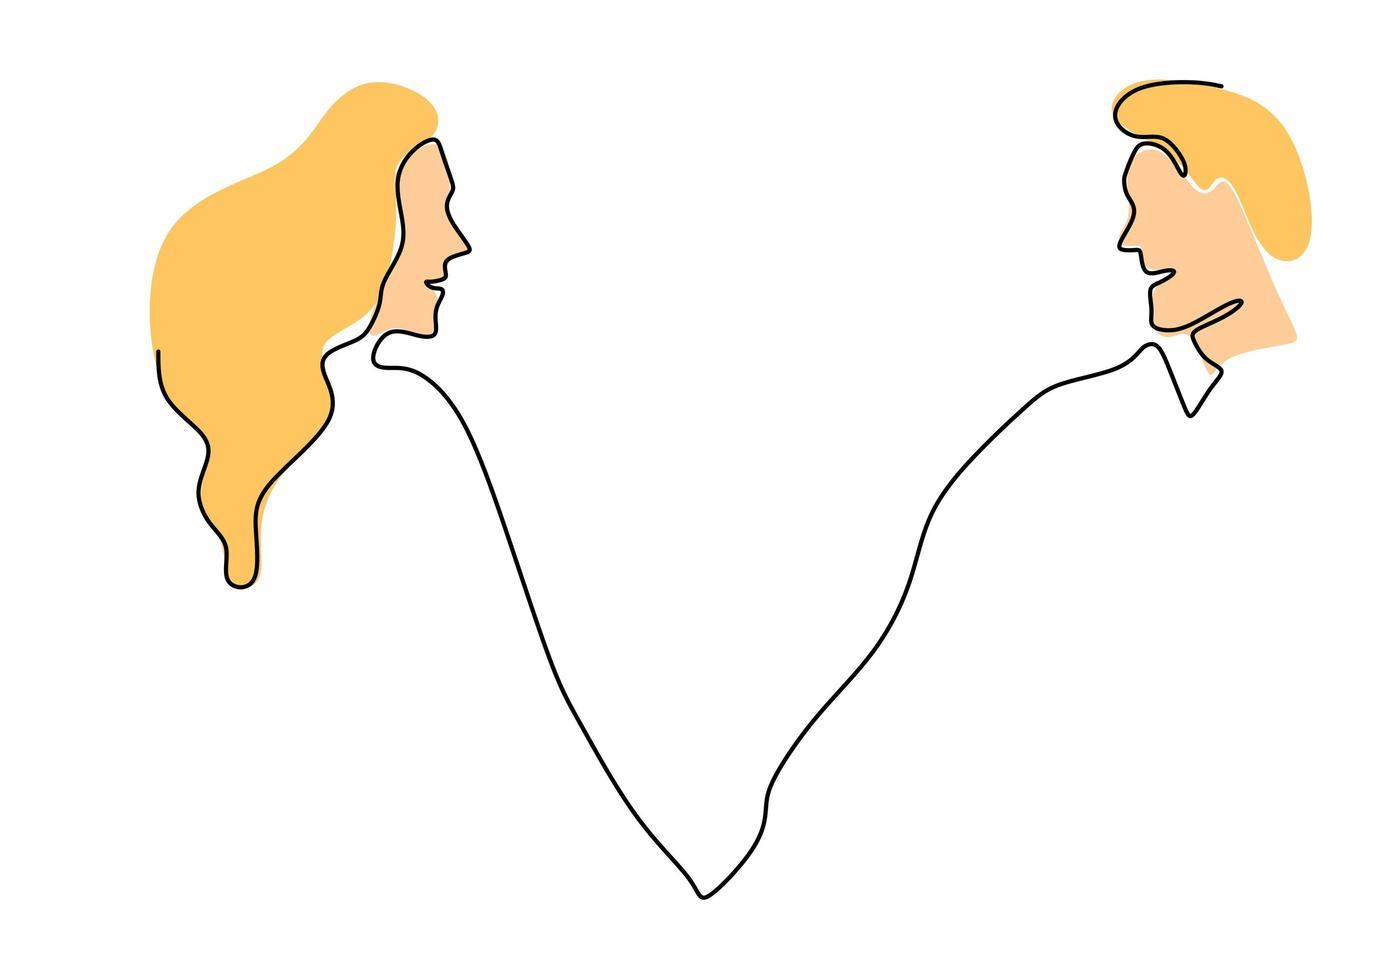 minimalismo di una coppia di linea. illustrazione vettoriale romanticismo e relazione.